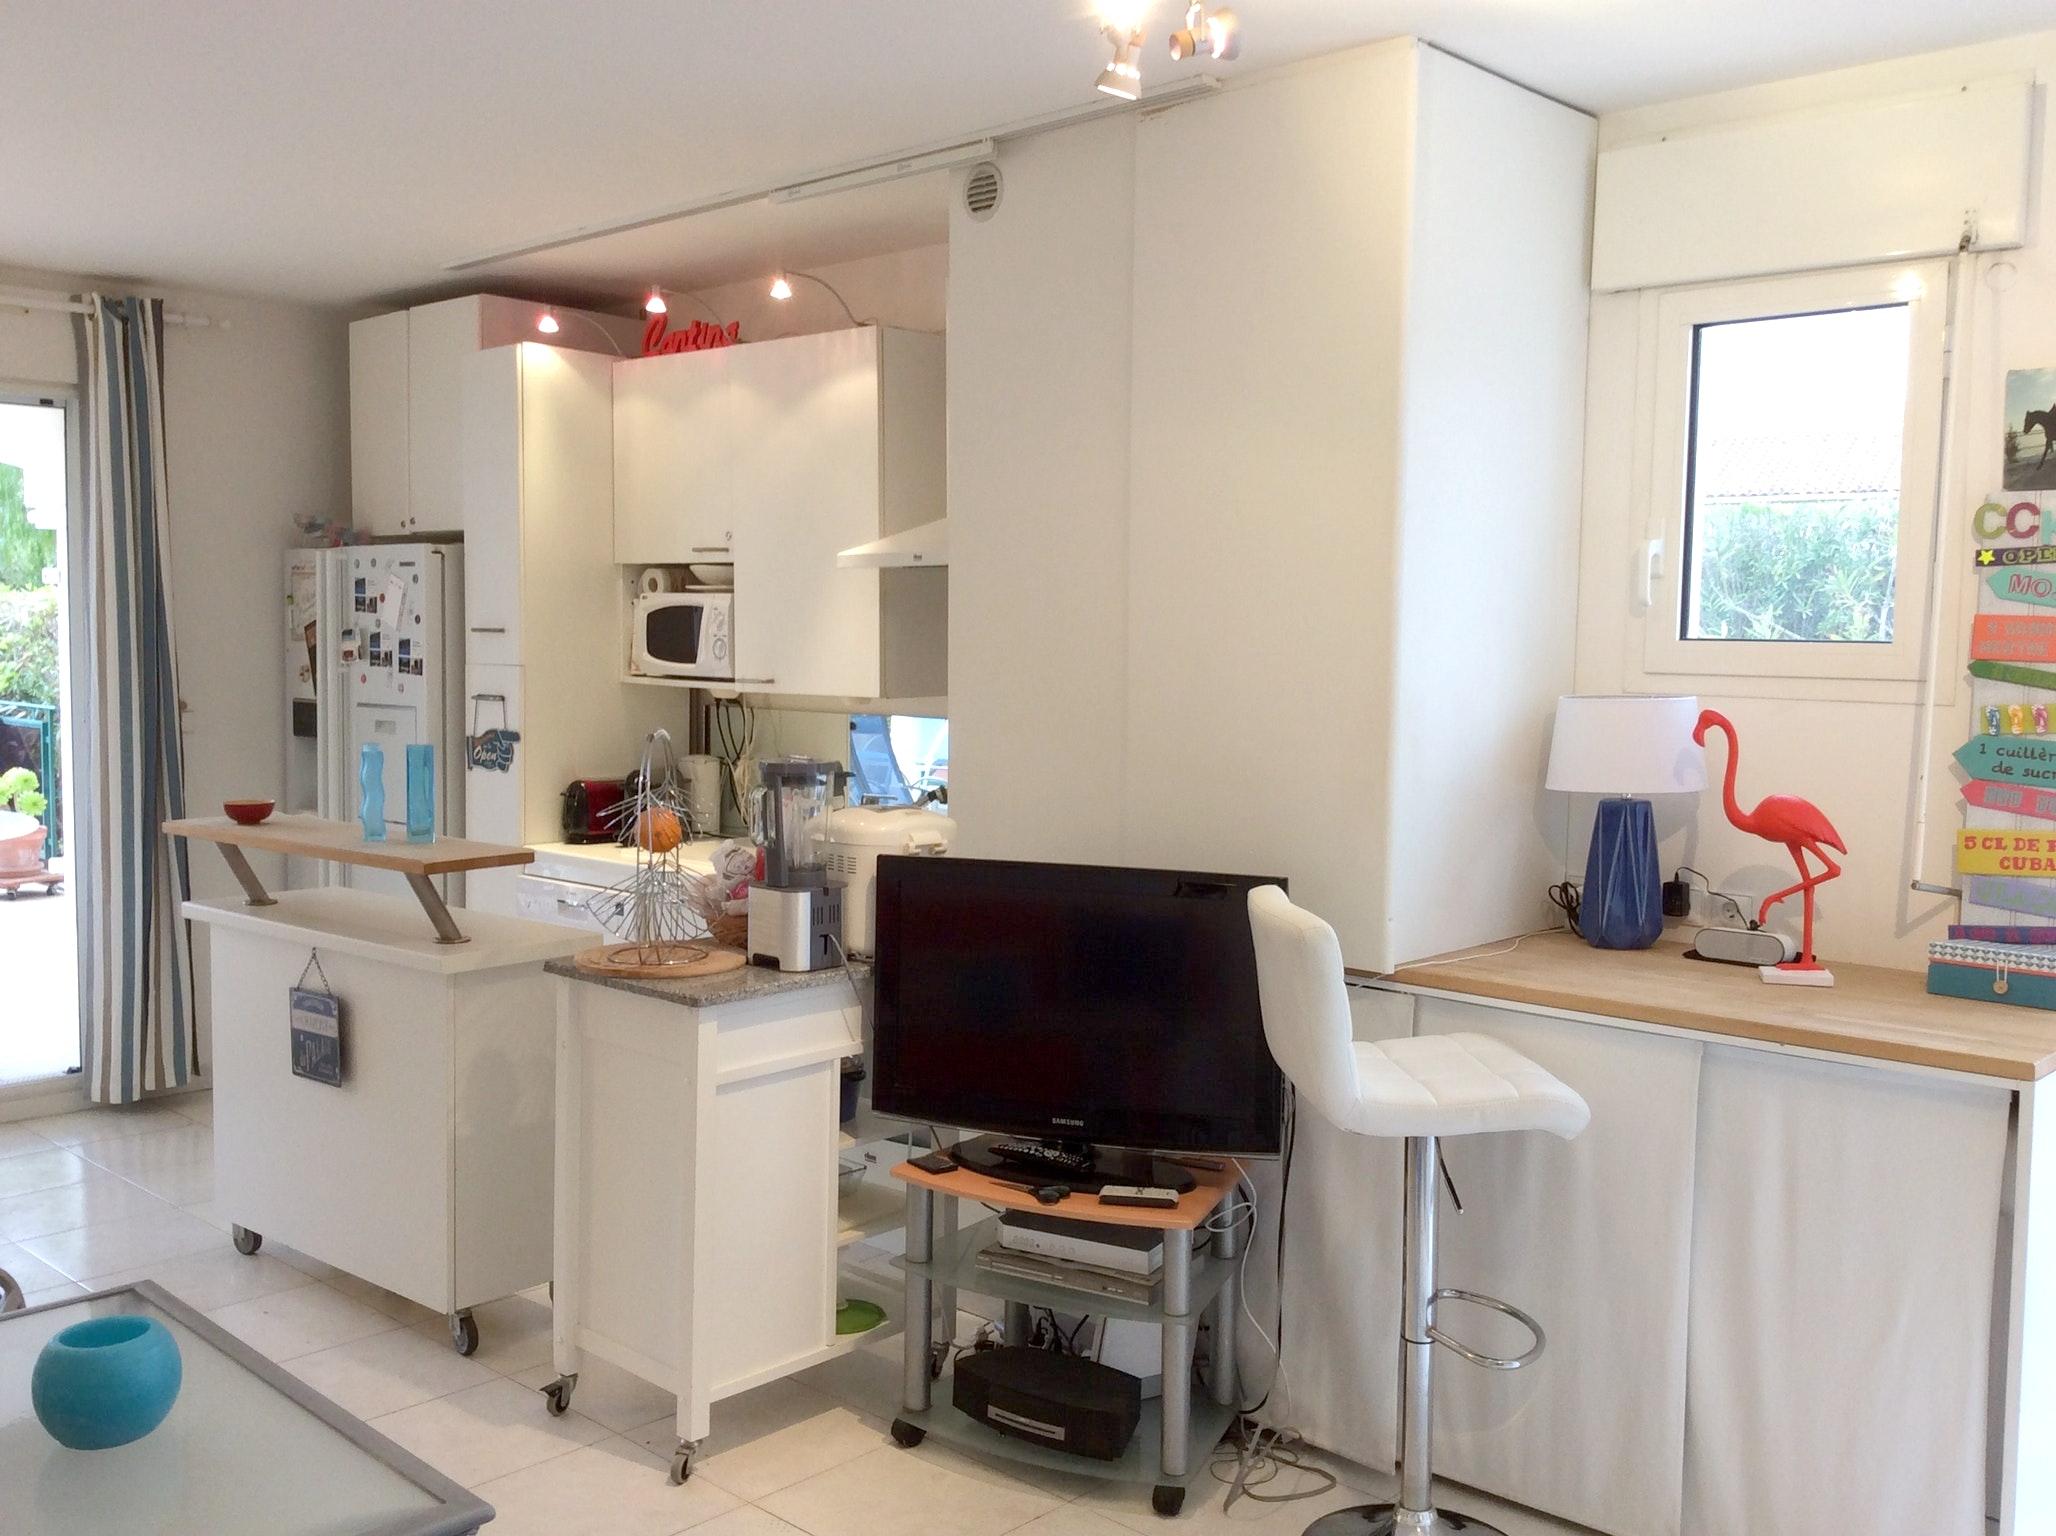 Appartement de vacances Wohnung mit einem Schlafzimmer in Carqueiranne mit Pool, eingezäuntem Garten und W-LAN - 7 (2231381), Carqueiranne, Côte d'Azur, Provence - Alpes - Côte d'Azur, France, image 11